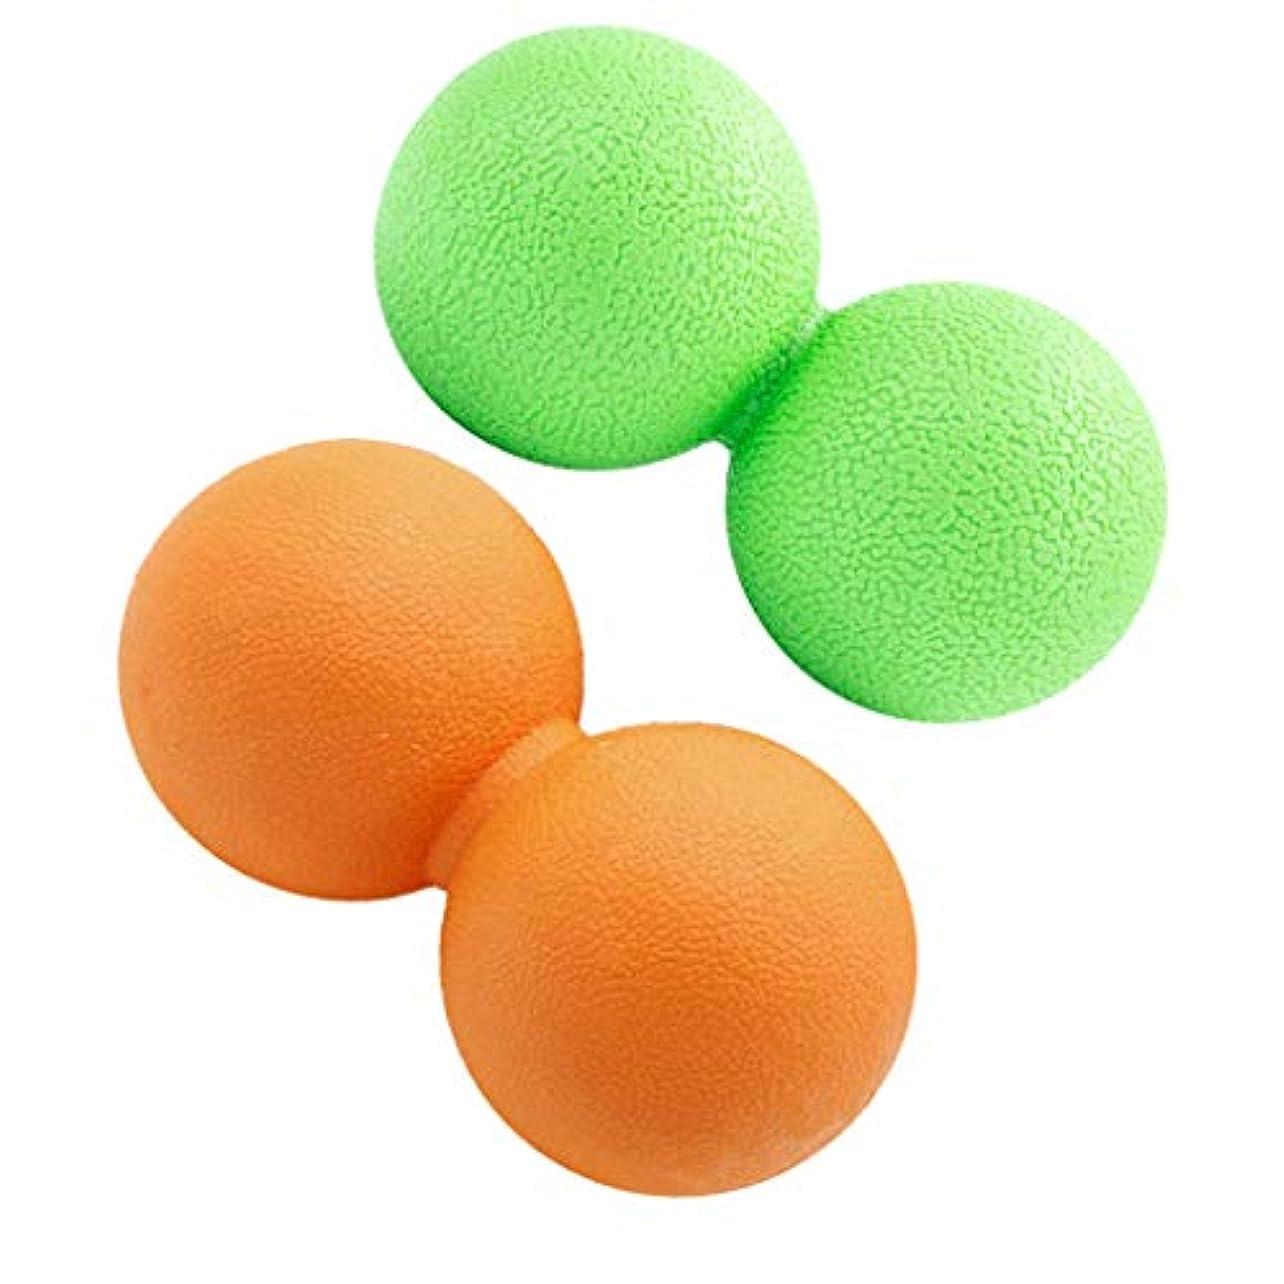 クレーター非行コンテスト2個 マッサージボール ピーナッツ 疲れ解消ボール トリガーポイント 筋膜リリース ツボ押しグッズ